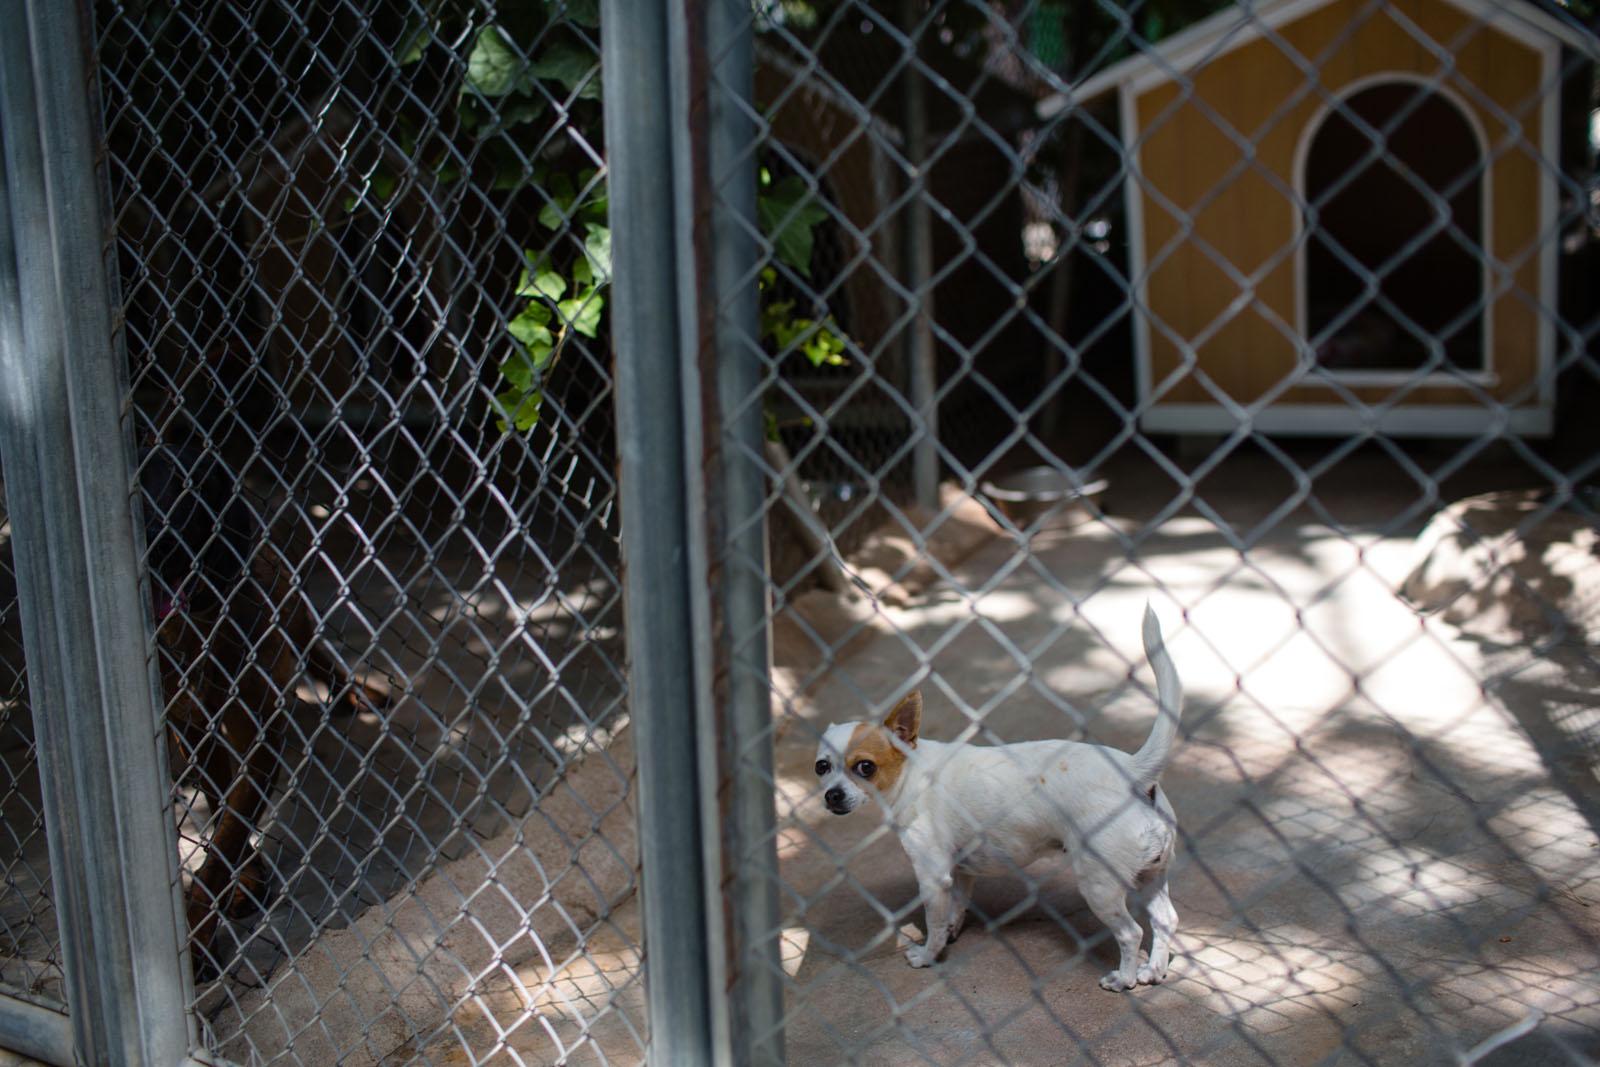 instalaciones caninas verano madrid 4